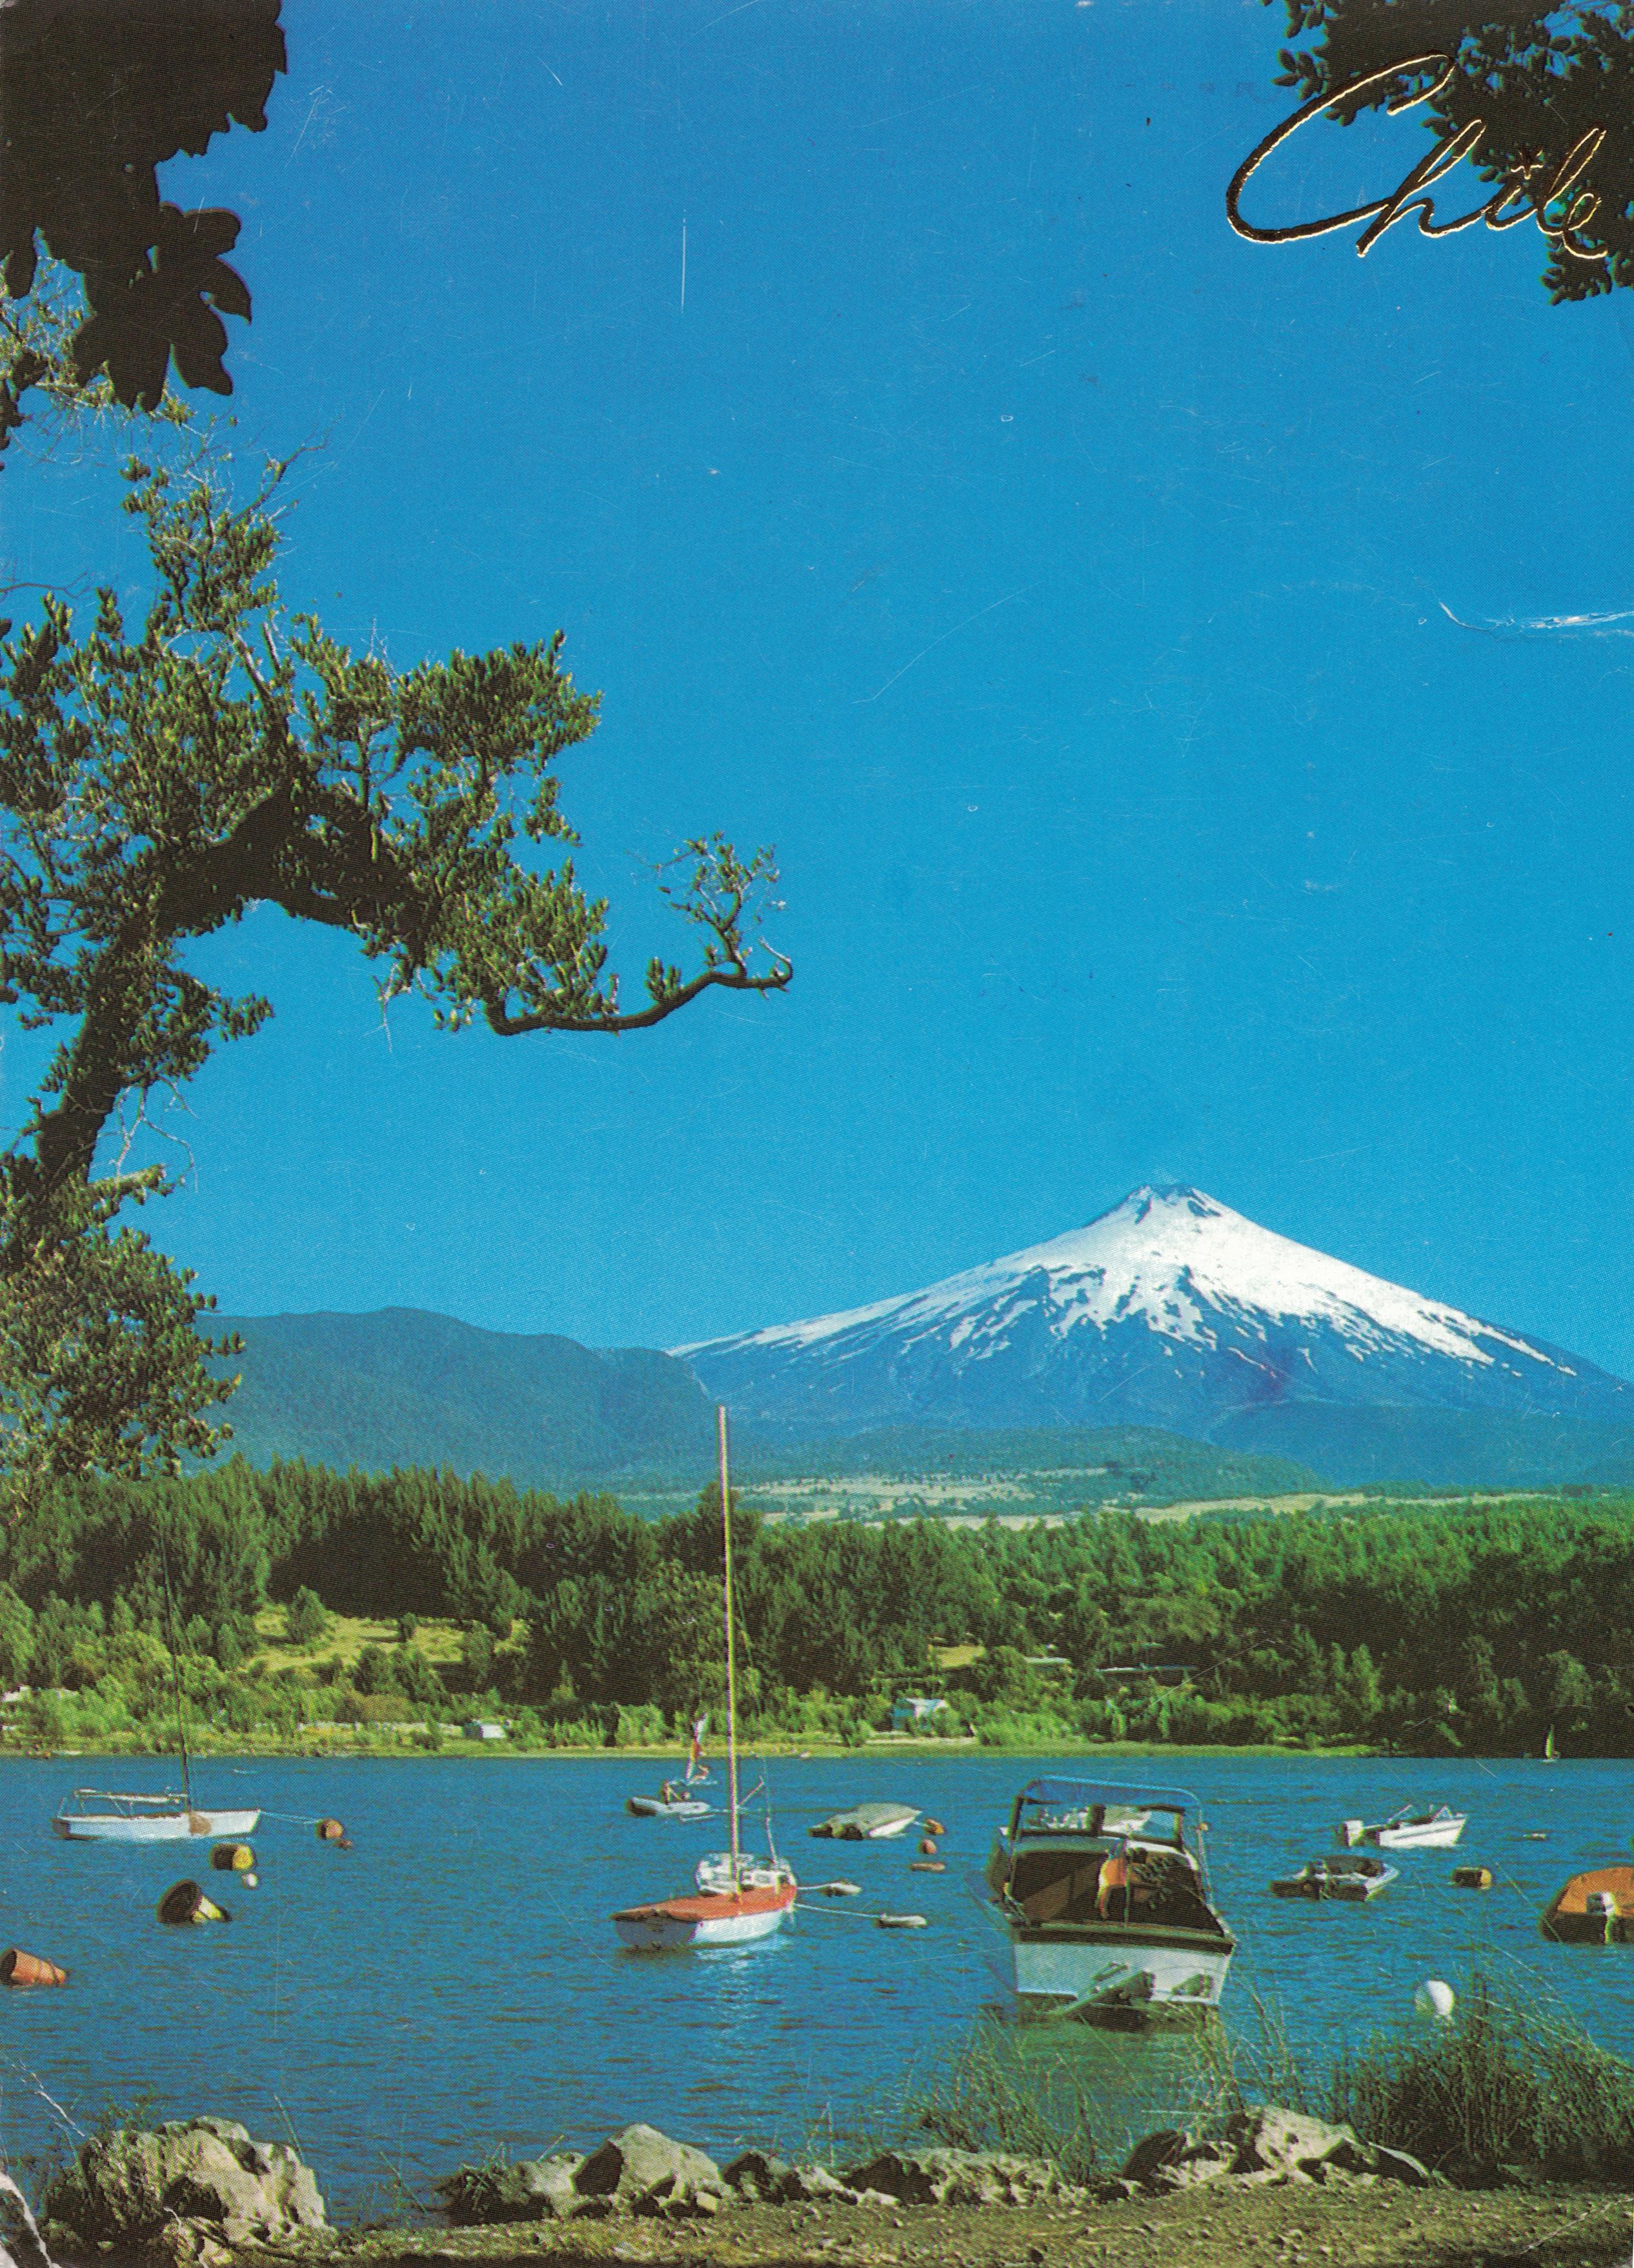 Enterreno - Fotos históricas de chile - fotos antiguas de Chile - Volcán Villarica en el año 1983